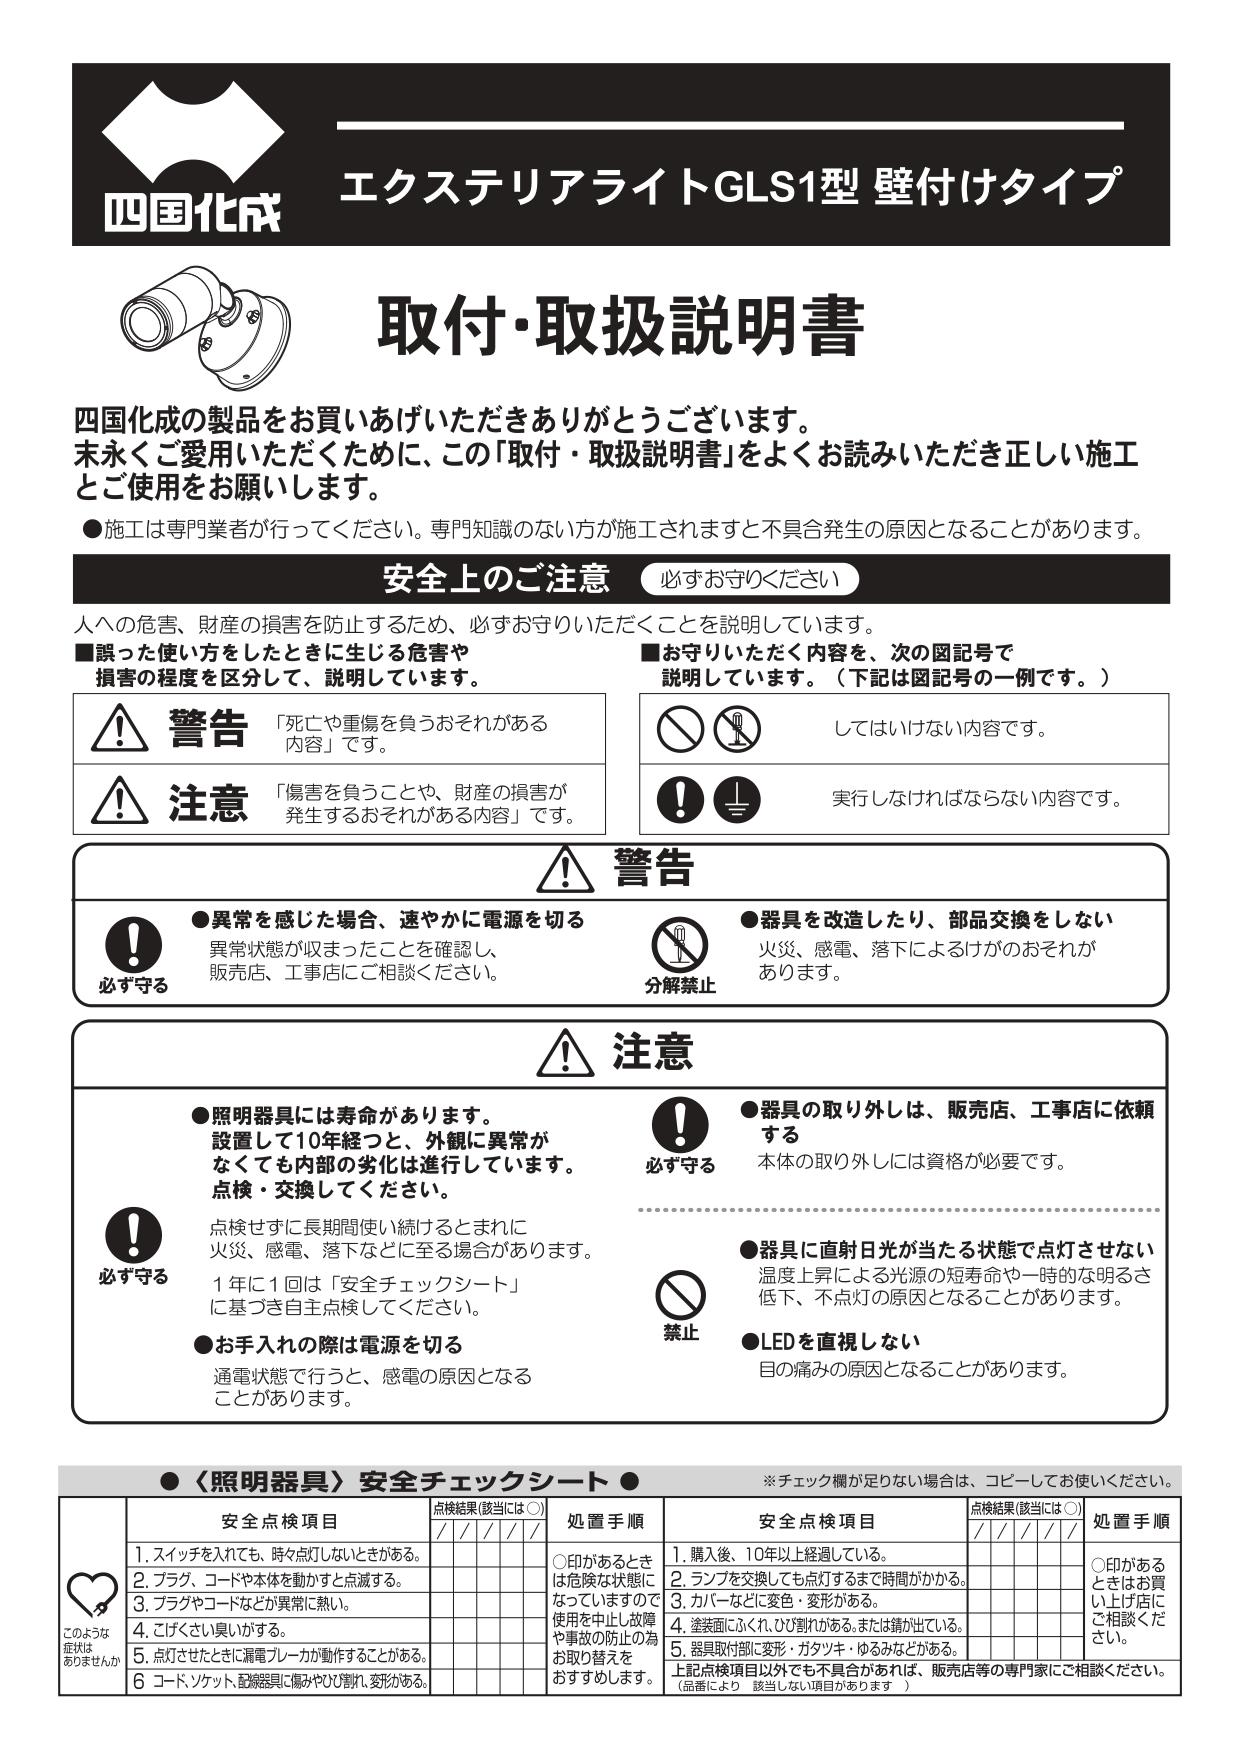 エクステリアライト GLS1型 スポットライト 壁付けタイプ 施工説明書_page-0001